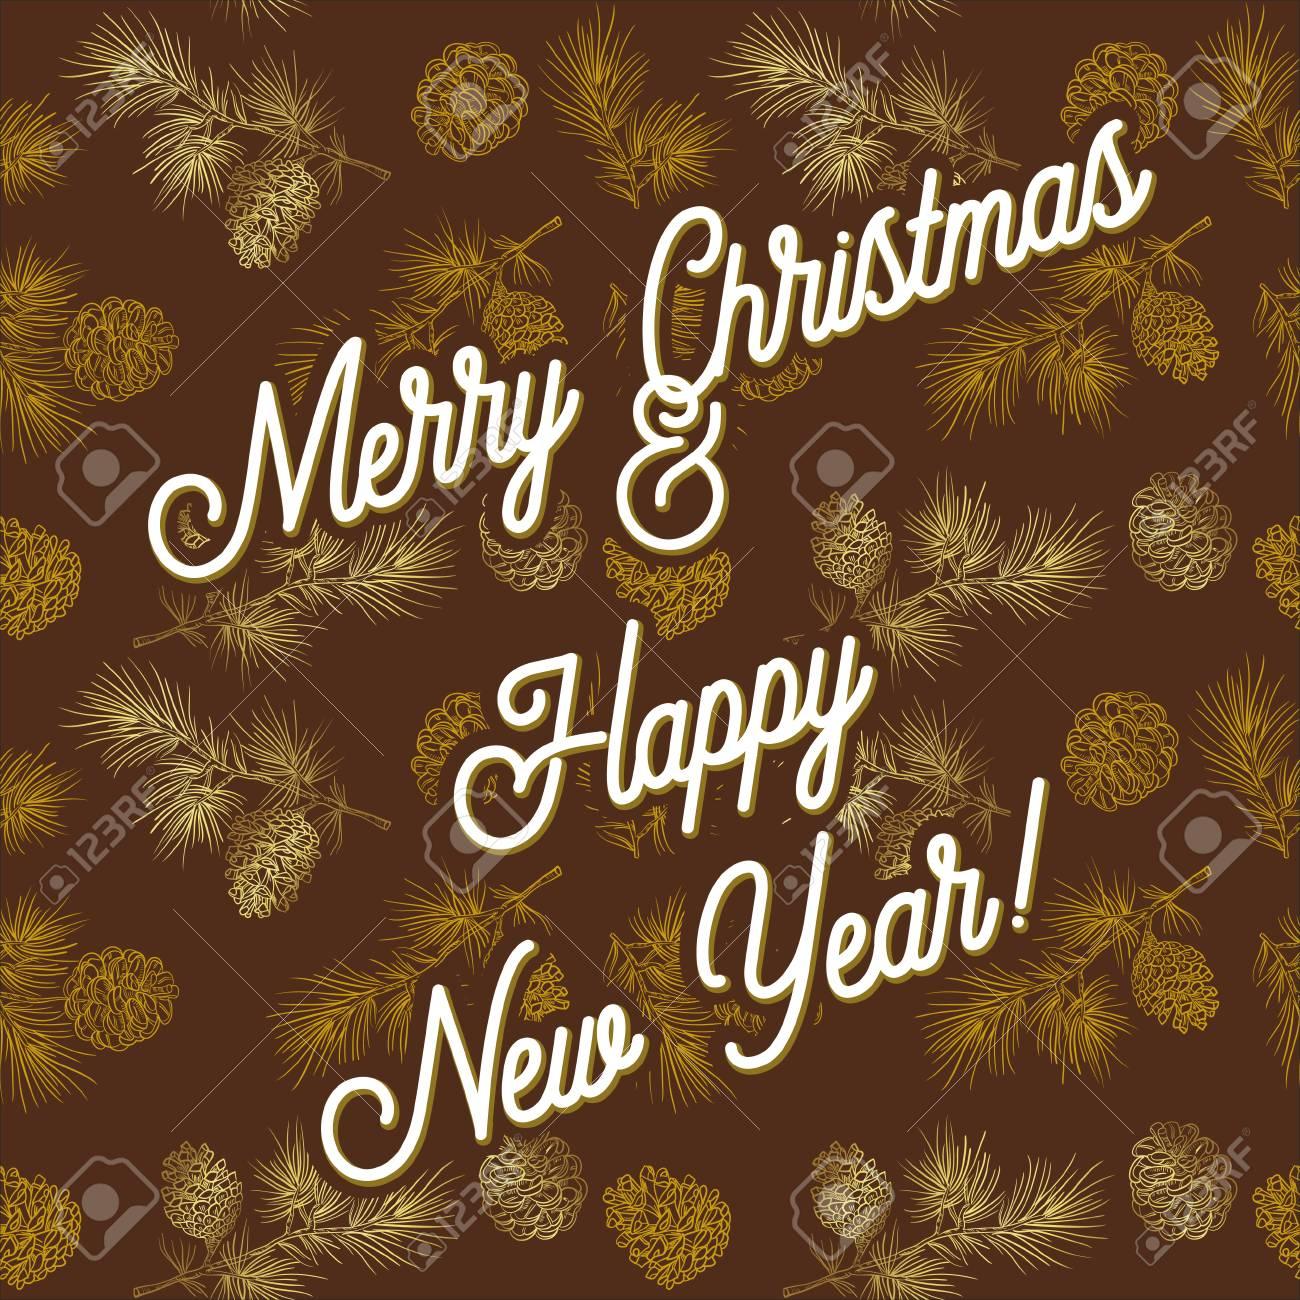 Frases De Felicitacion De Ano Nuevo Y Navidad.Tarjeta De Felicitacion De Feliz Navidad Y Ano Nuevo Frases De Felicitacion Sobre Un Fondo Marron Con Conos De Oro Ilustracion Vectorial Para